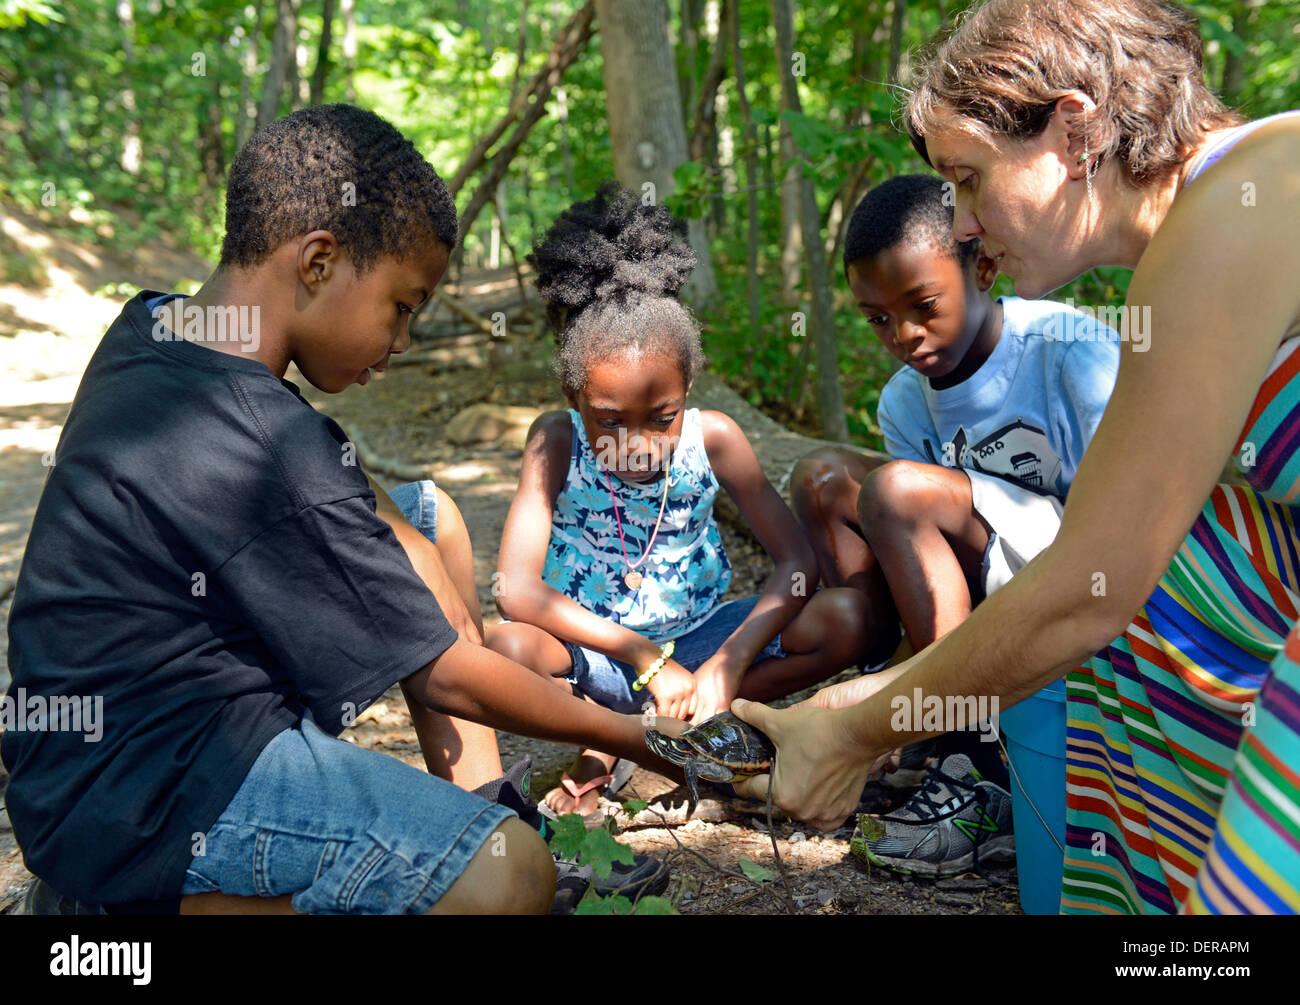 Schwarze Kinder Von New Haven Studieren Eine Gemalte Schildkröte An  Gemeinsamen Boden High School Auf Einer